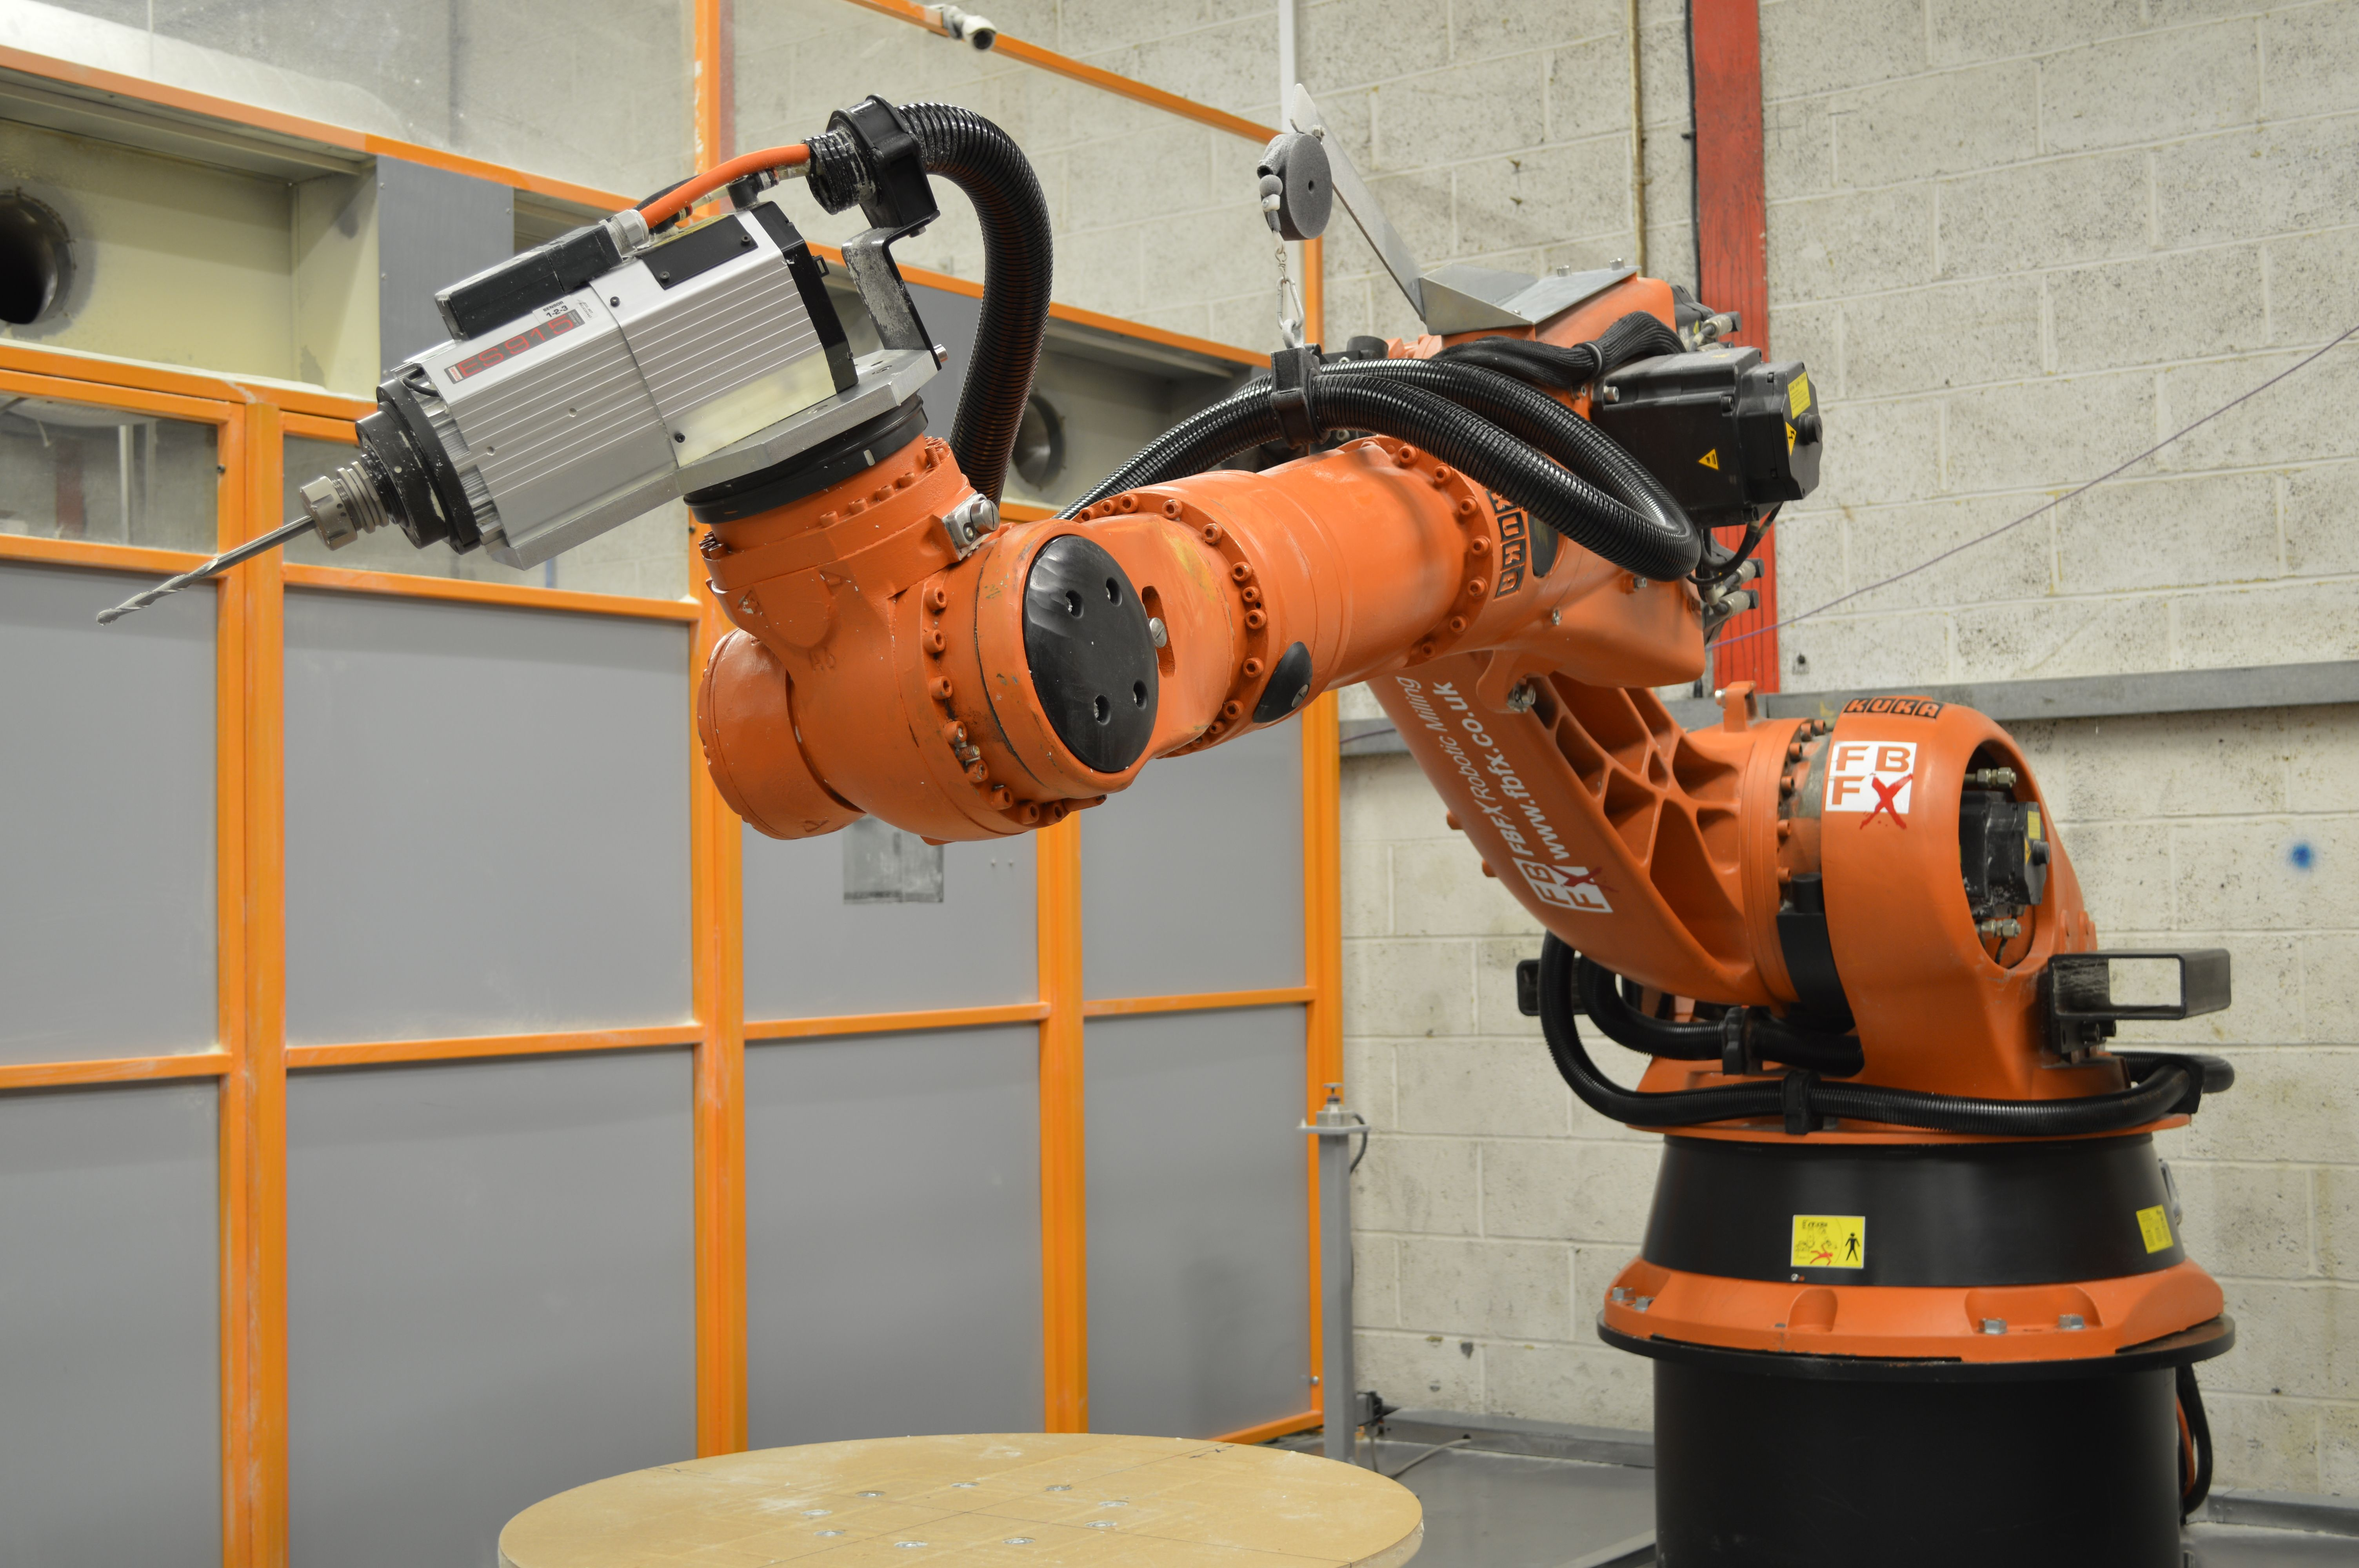 ◇ Visit ~ MACHINE Shop Café ◇ FBFX's KUKA Robotic Milling Cell